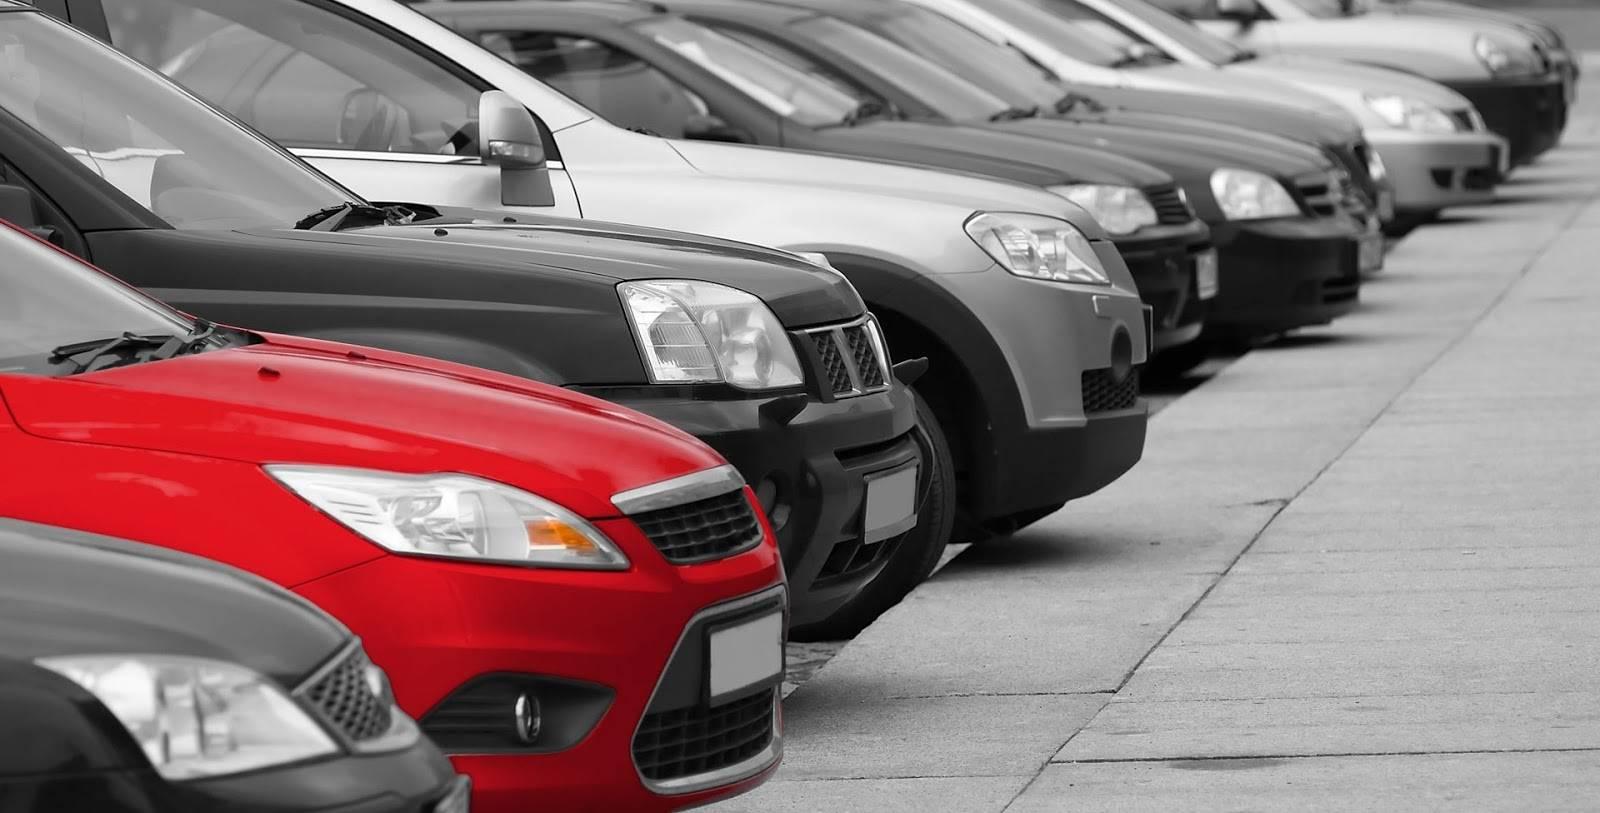 Аренда авто в мюнхене: варианты, возможности, условия и стоимость проката